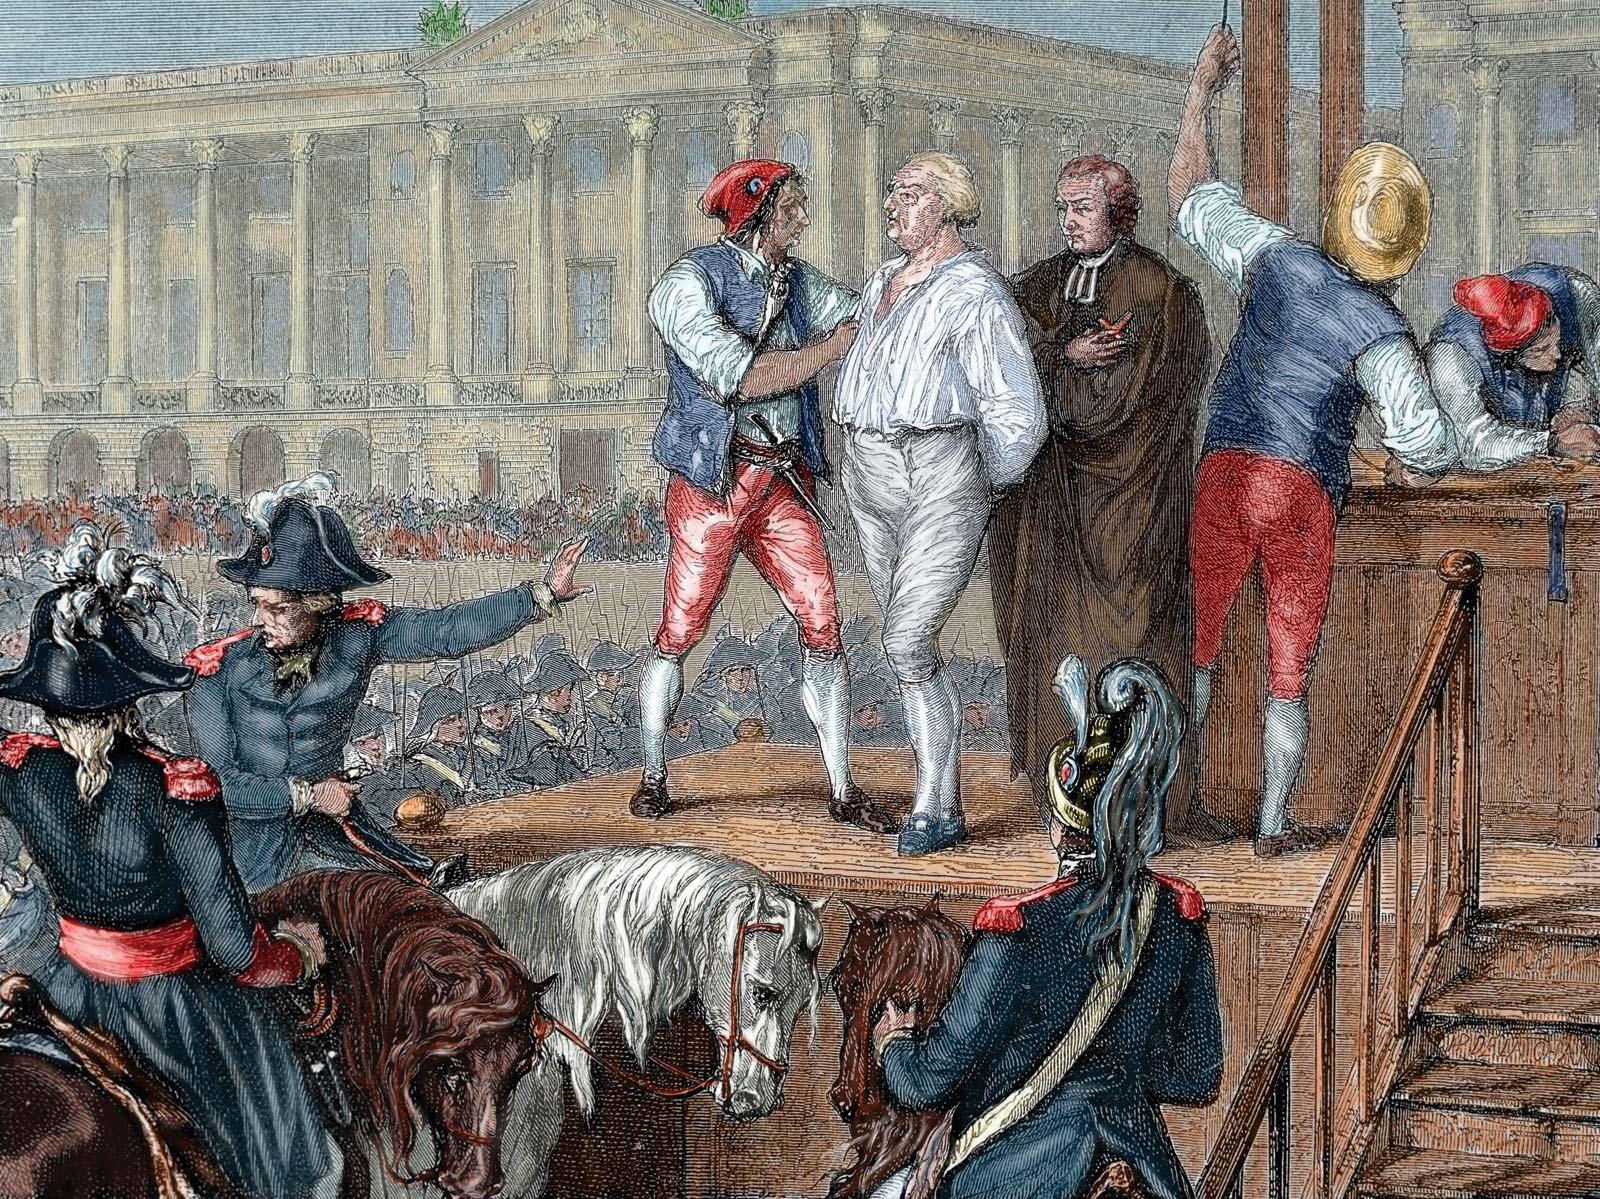 Ejecución de Luis XVI - Wikipedia, la enciclopedia libre